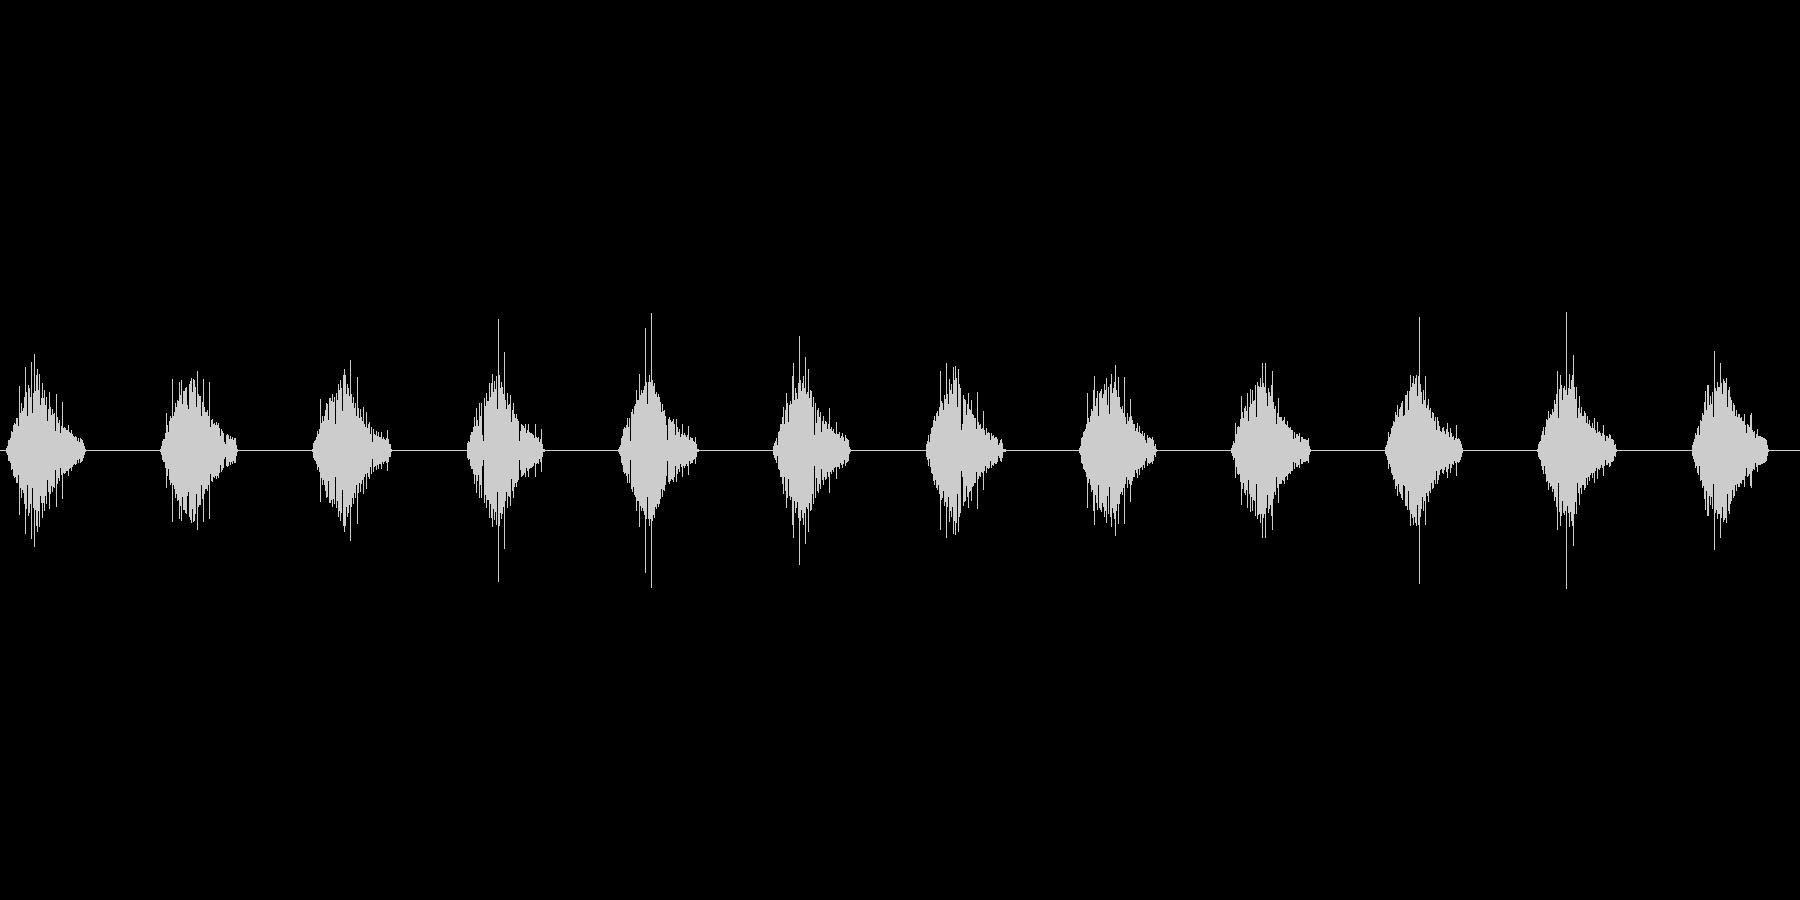 モニター文字表示 ピピピピ ループ_01の未再生の波形